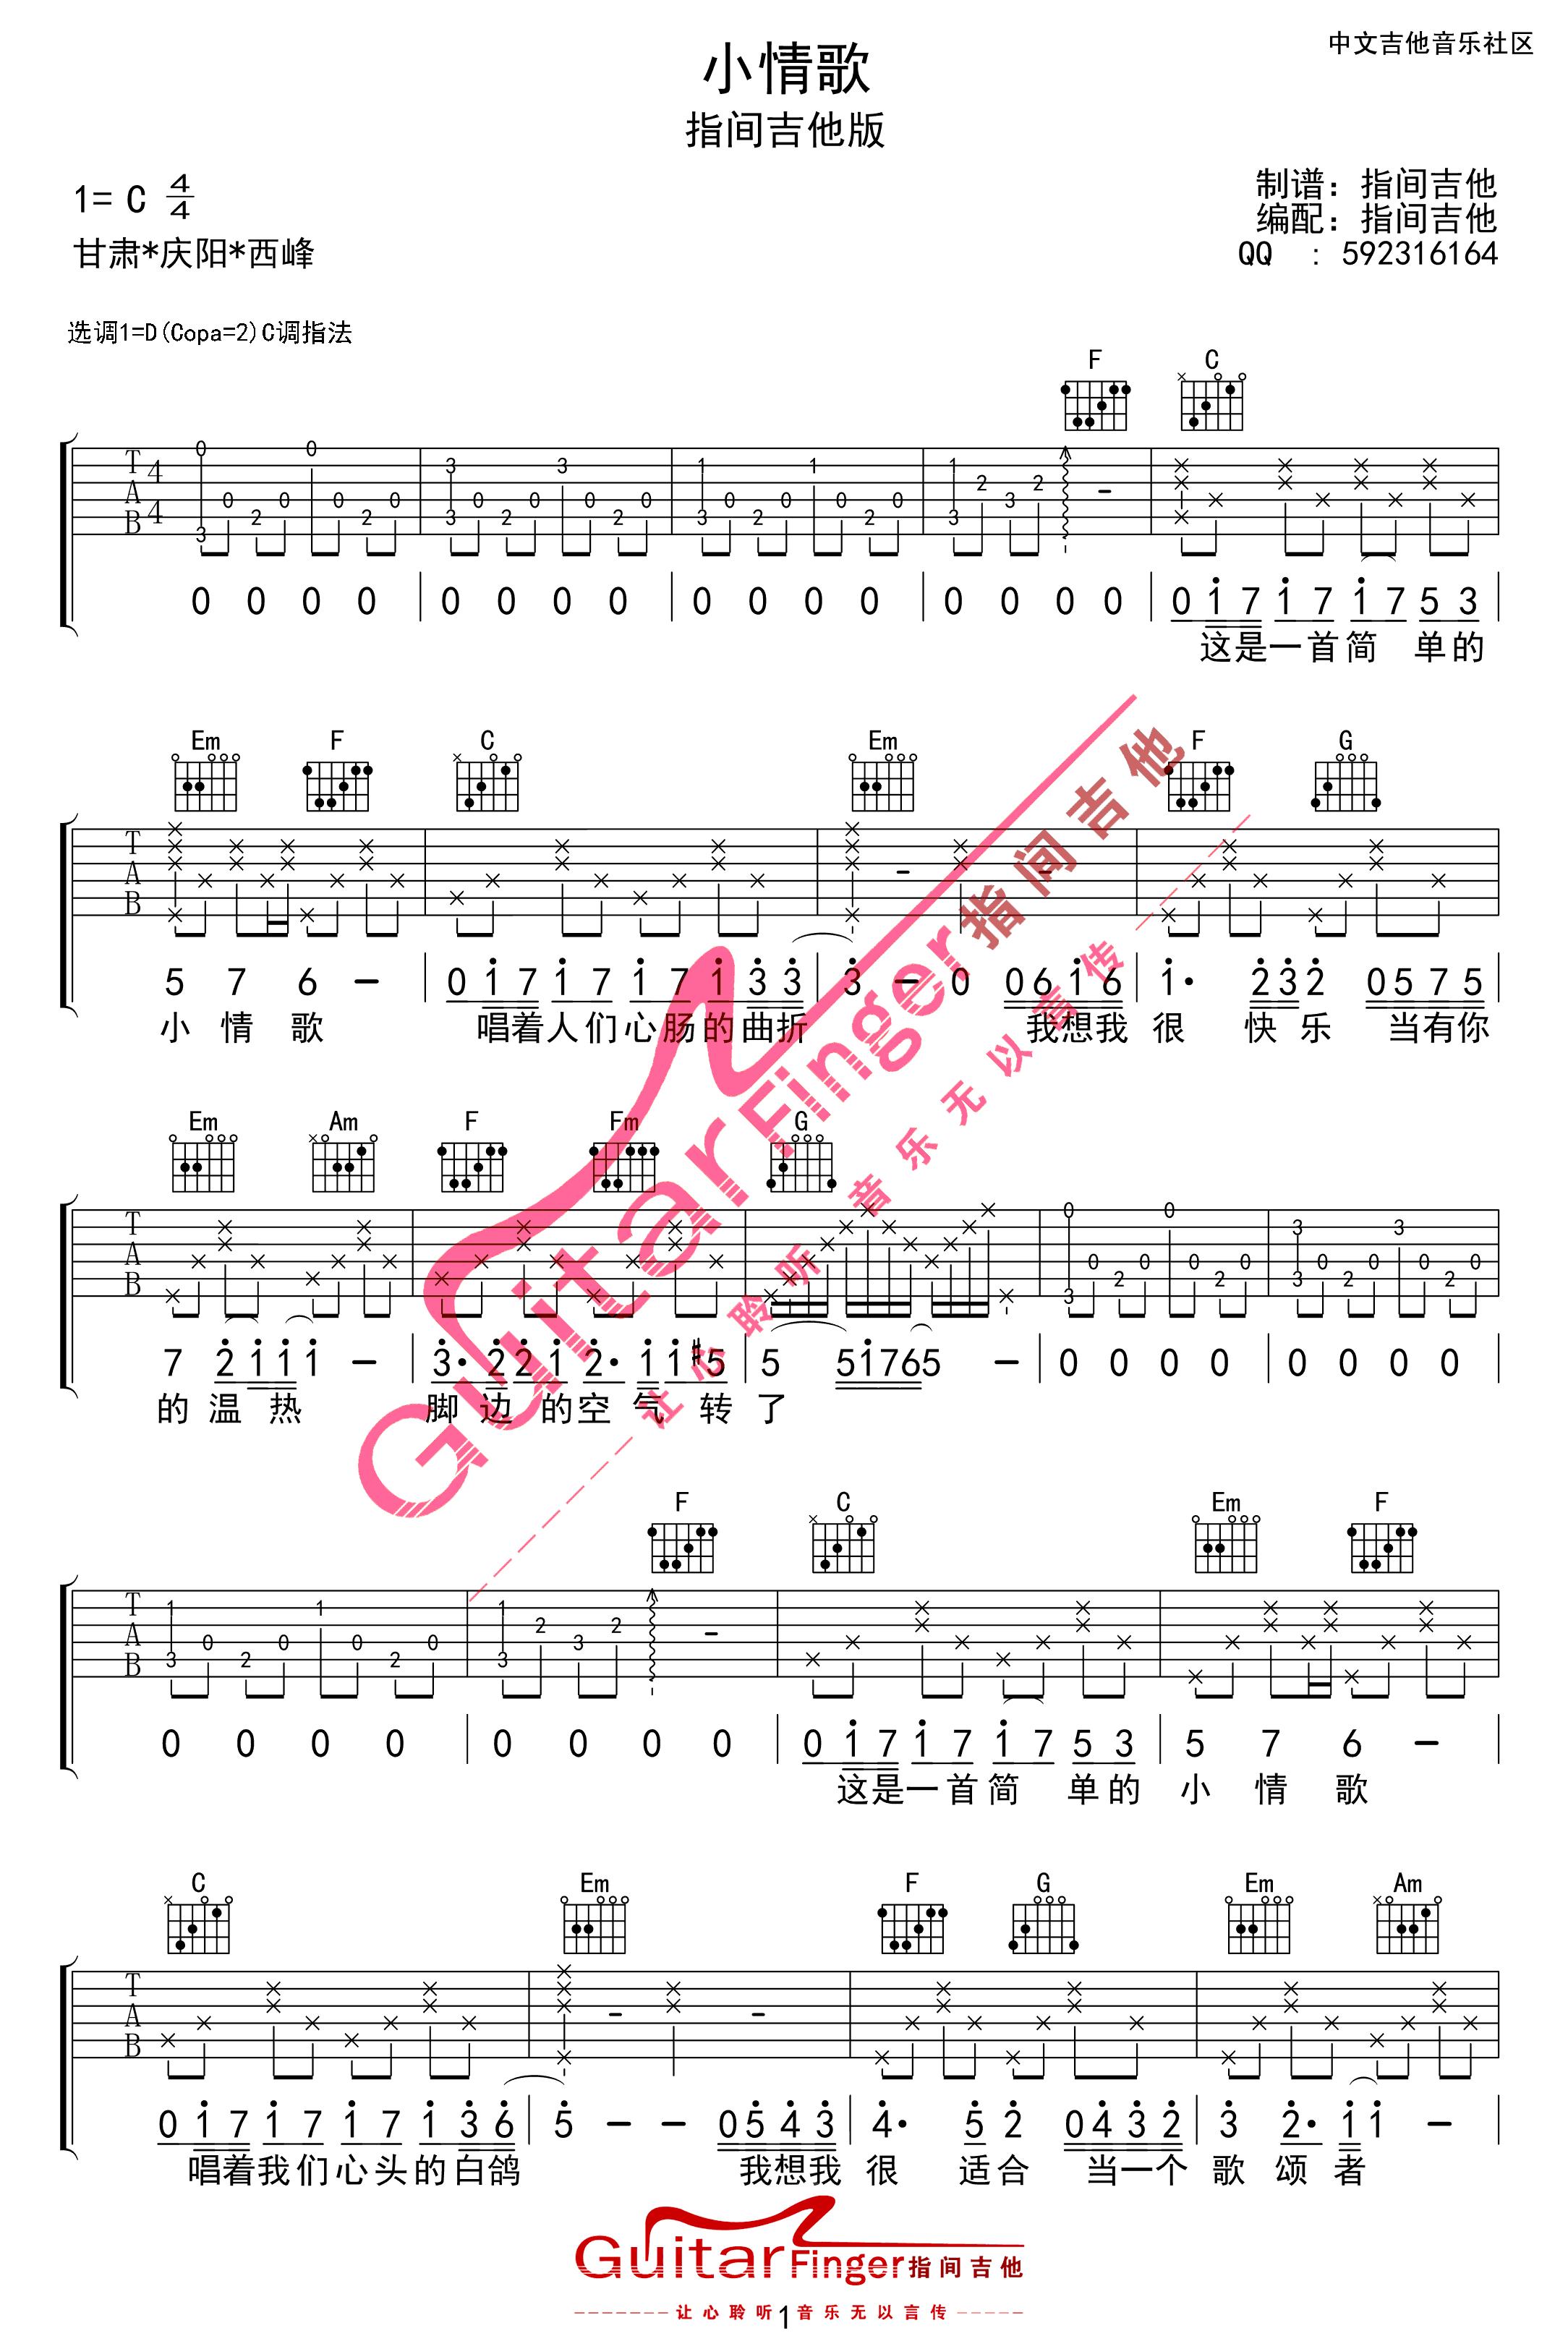 小星星吉他谱怎么看_怎么看这个吉他谱????_百度知道